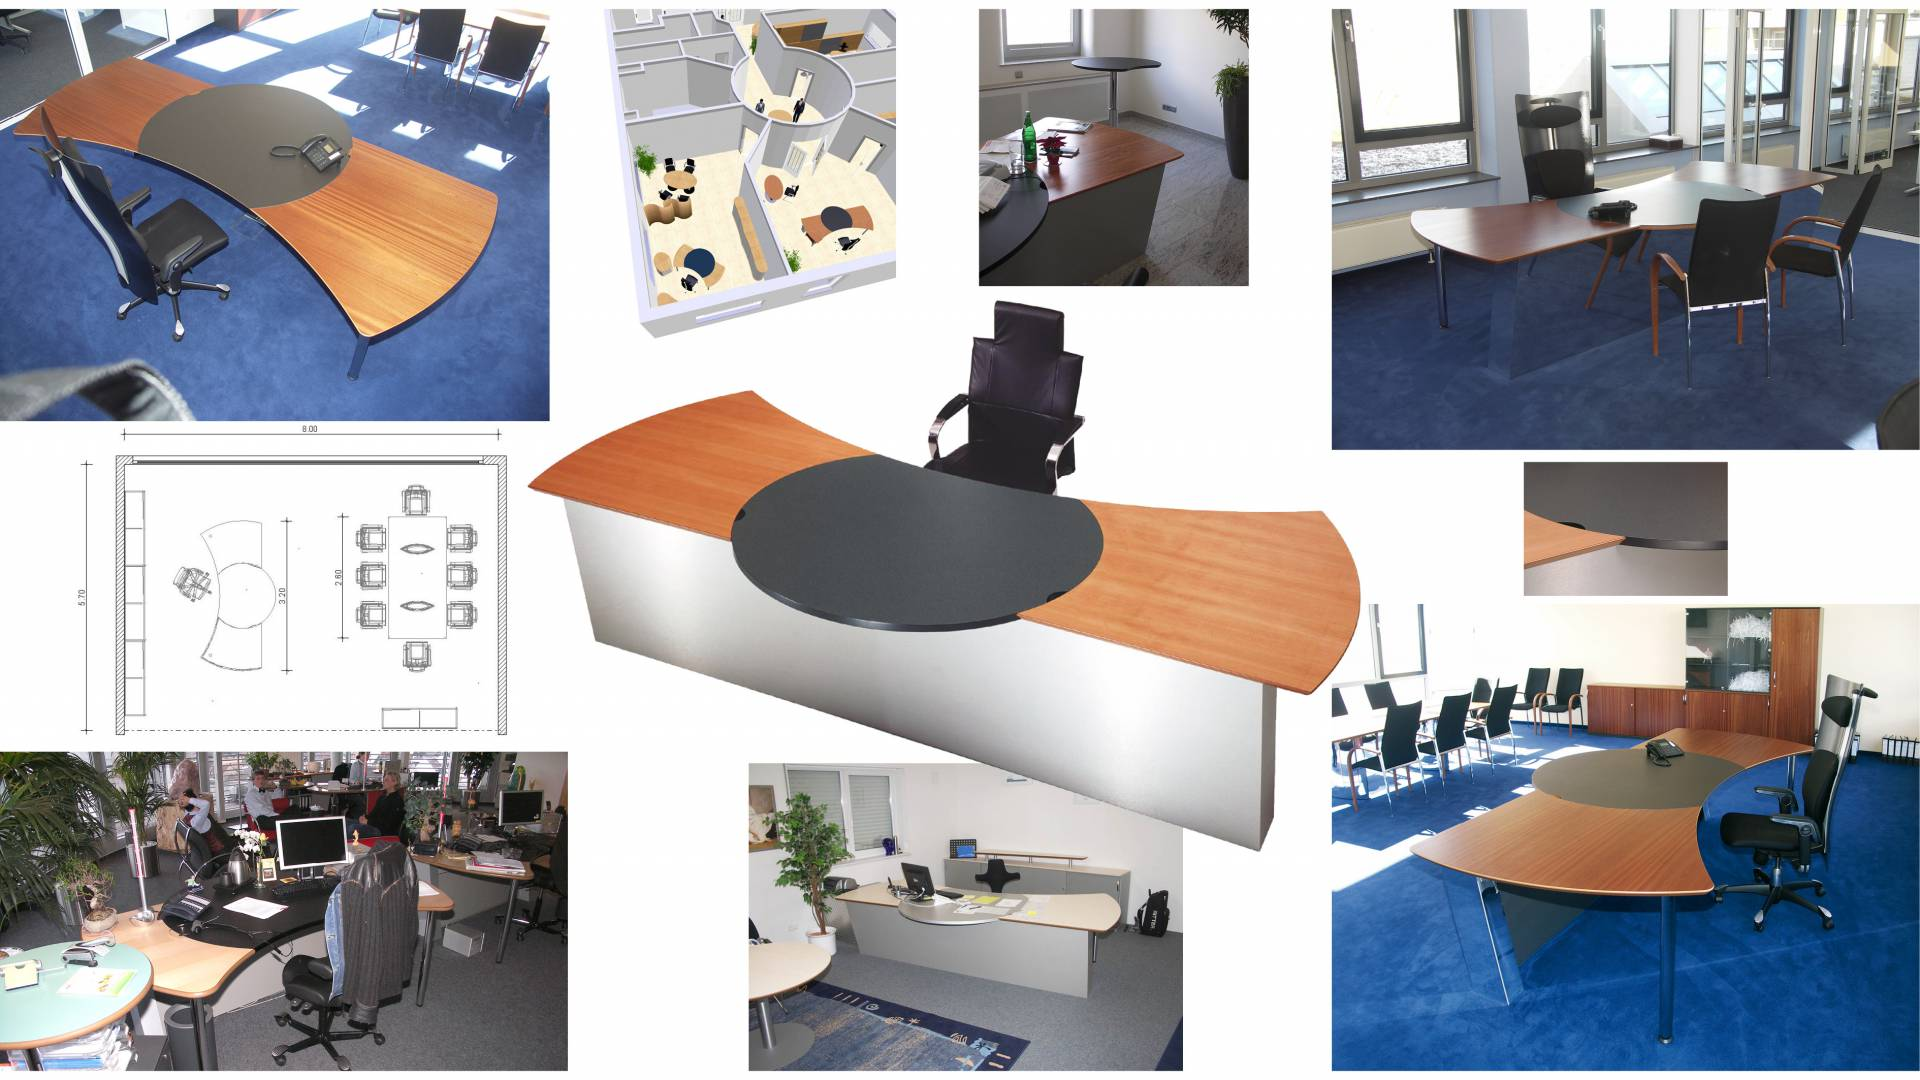 circon 行政命令-办公桌-主权工作场所设计